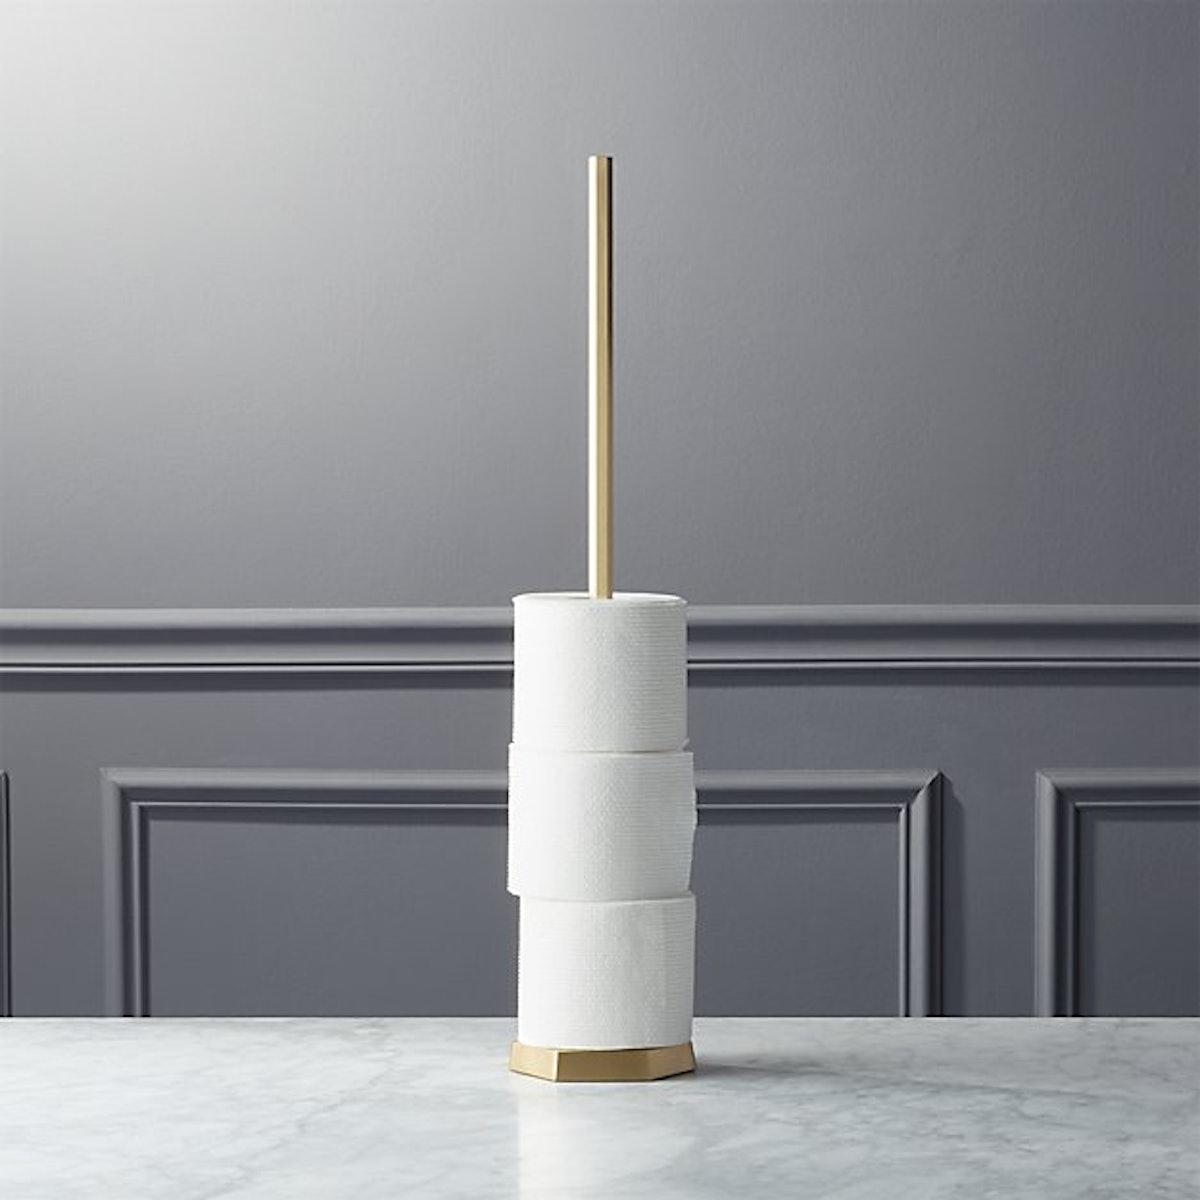 Hex Brass Toilet Paper Storage Tower